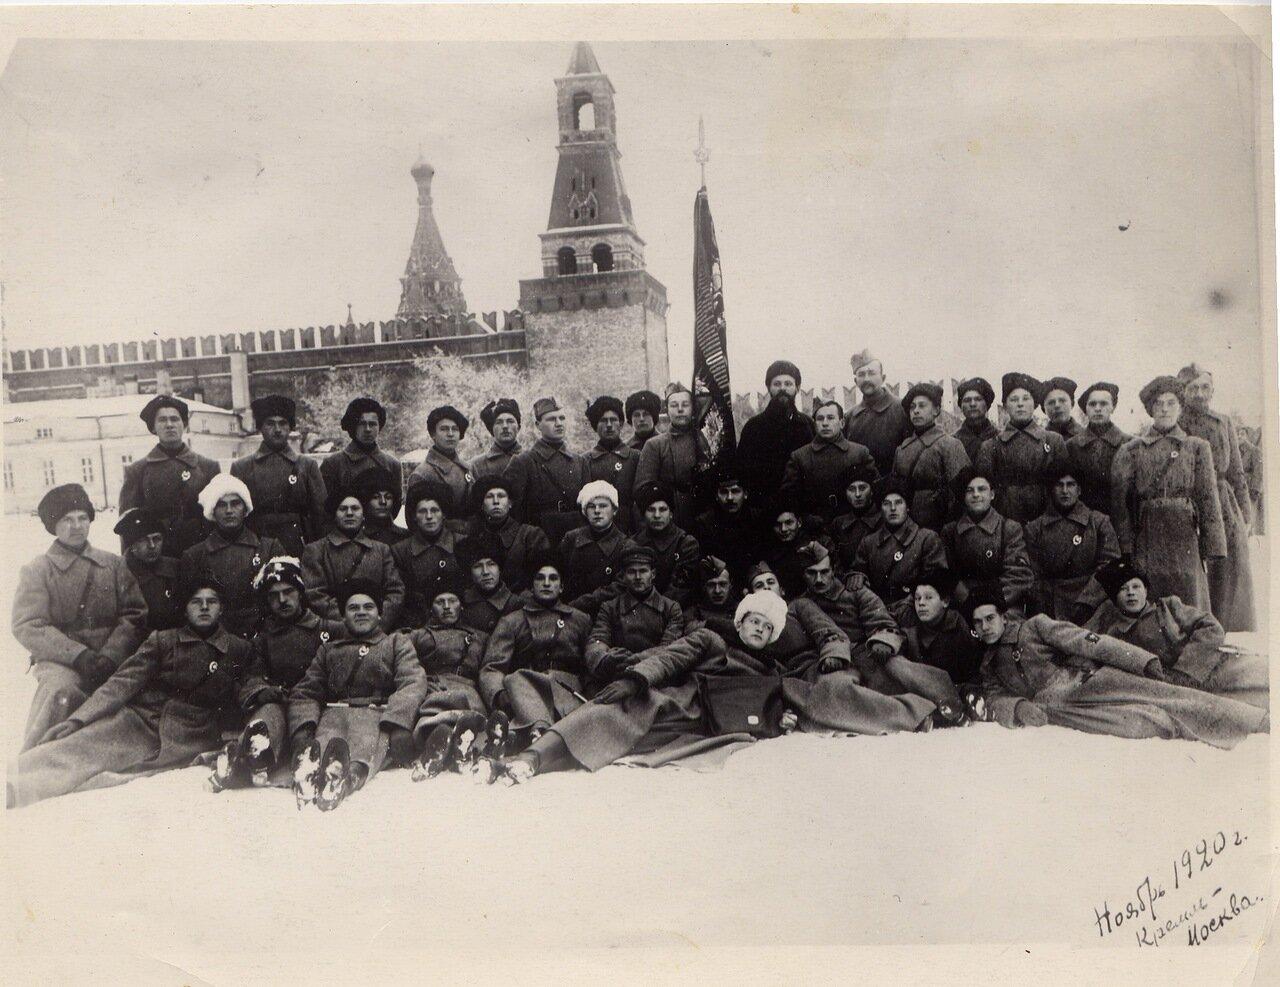 1920. Пулеметные курсы в Кремле